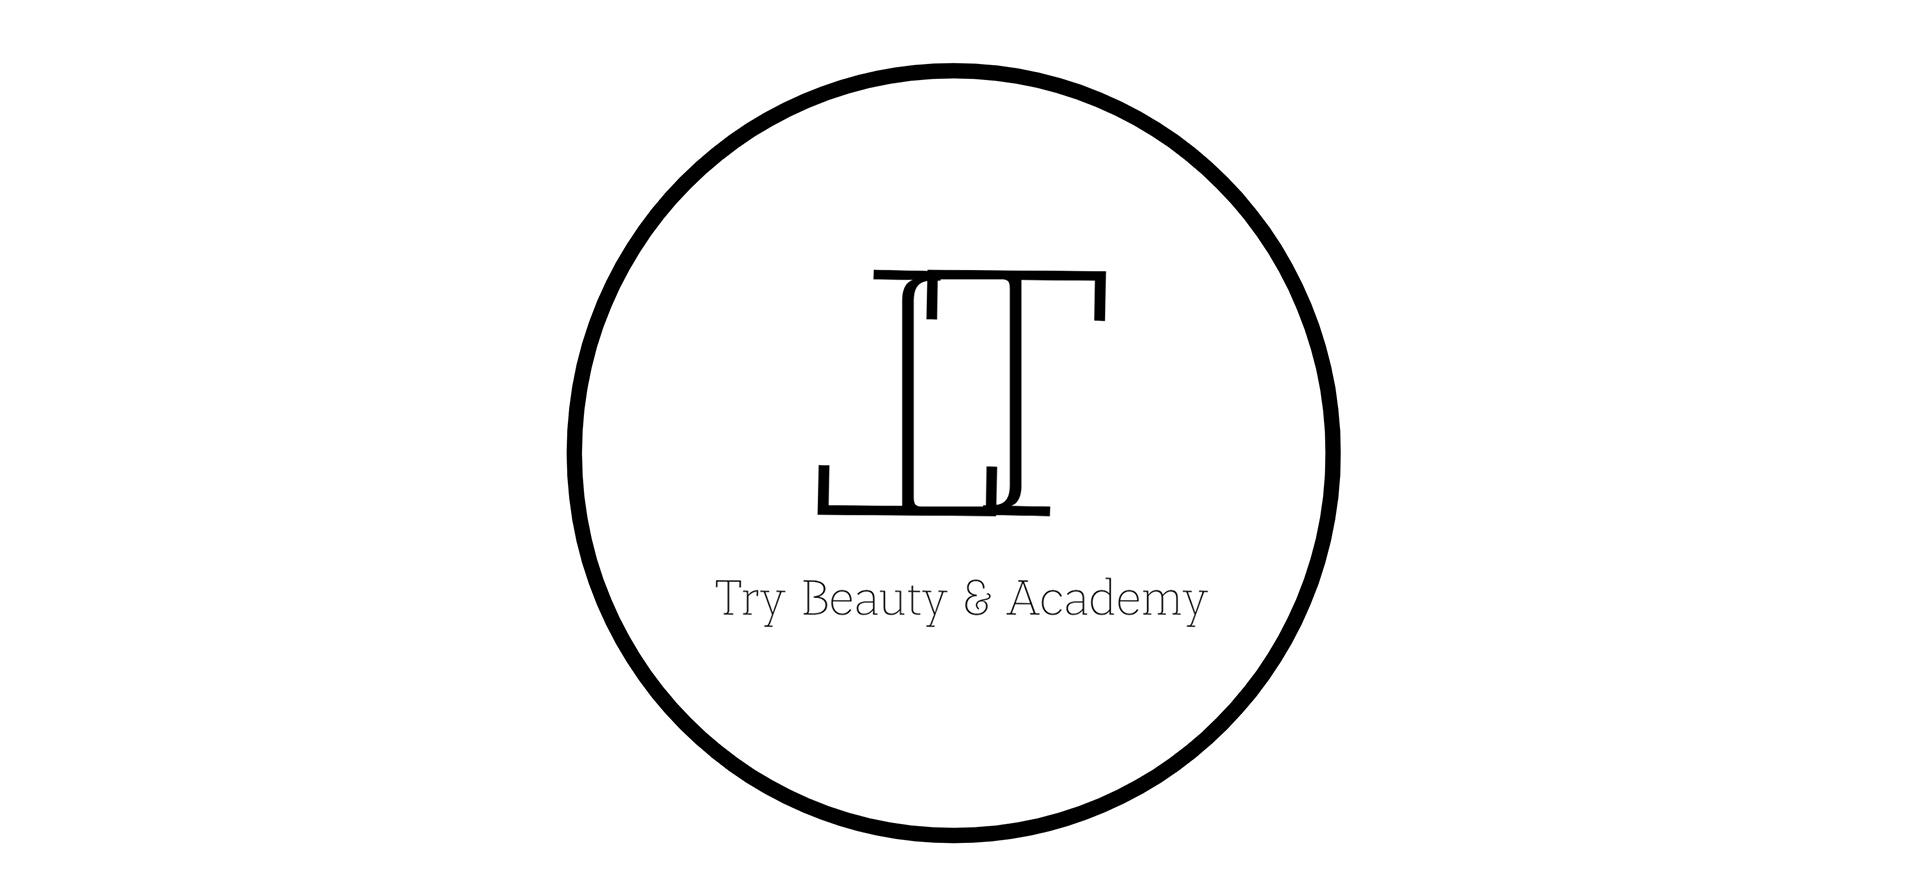 Try Beauty,扮靚,專業化妝,半永久化妝,韓國四大美容協會認可,SISA國際美容協會副會長,韓國GPF半永久化妝導師,飄眉,霧眉,眼線,角蛋白睫毛,韓國皮膚管理,半永久培訓課程,角蛋白課程